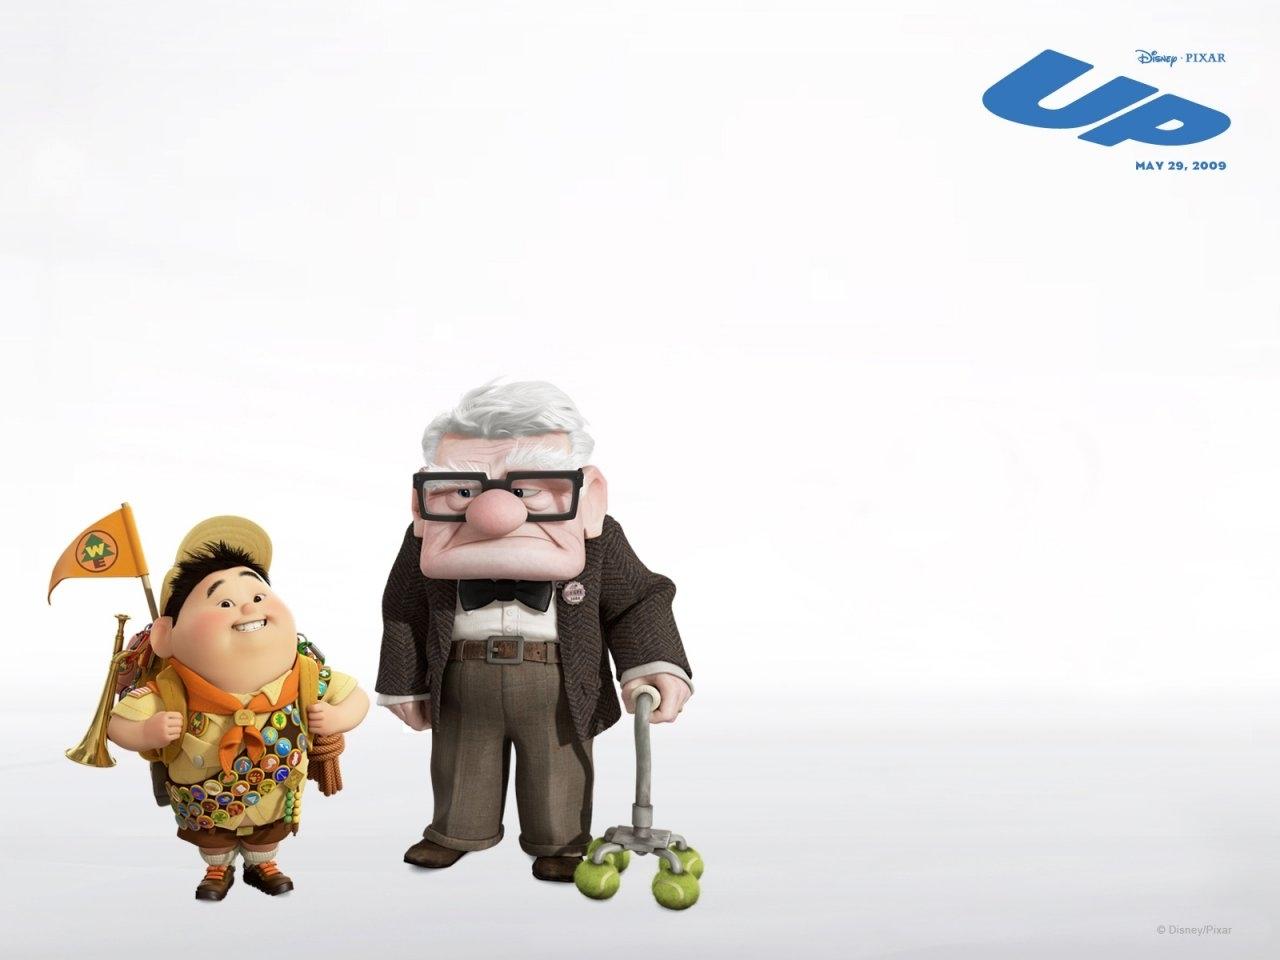 261 Hintergrundbild herunterladen Cartoon, Up - Bildschirmschoner und Bilder kostenlos